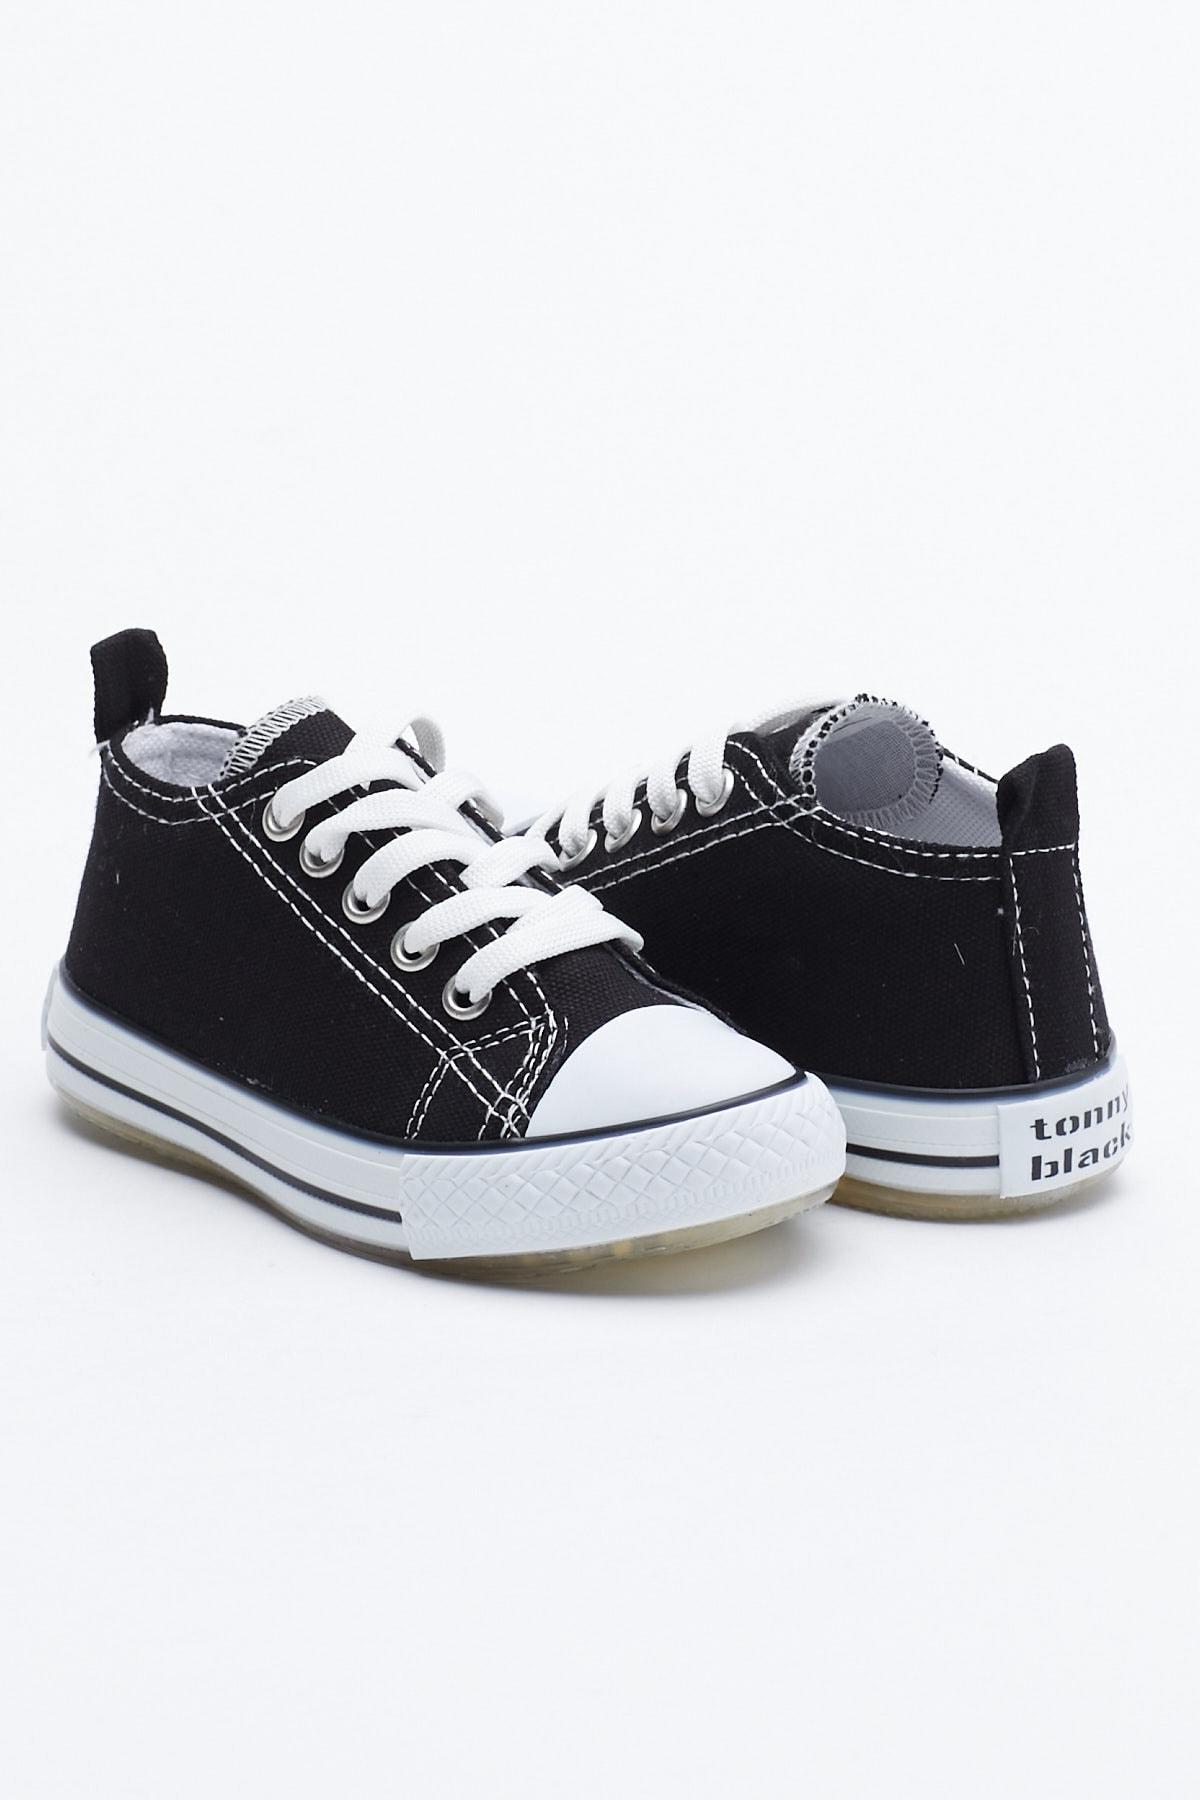 Tonny Black Siyah Çocuk Spor Ayakkabı Tb998 1